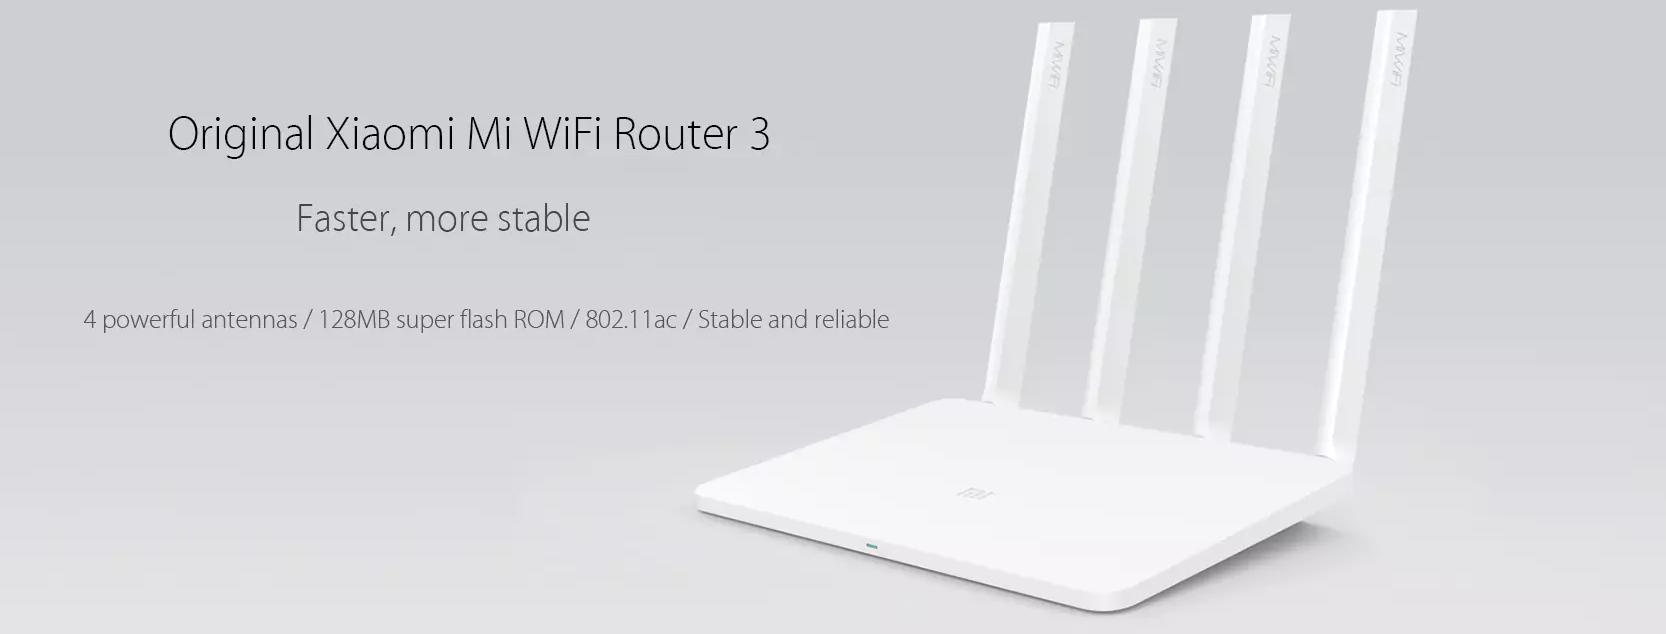 Xiaomi Wi-Fi router z českého skladu za 600 Kč [sponzorovaný článek]